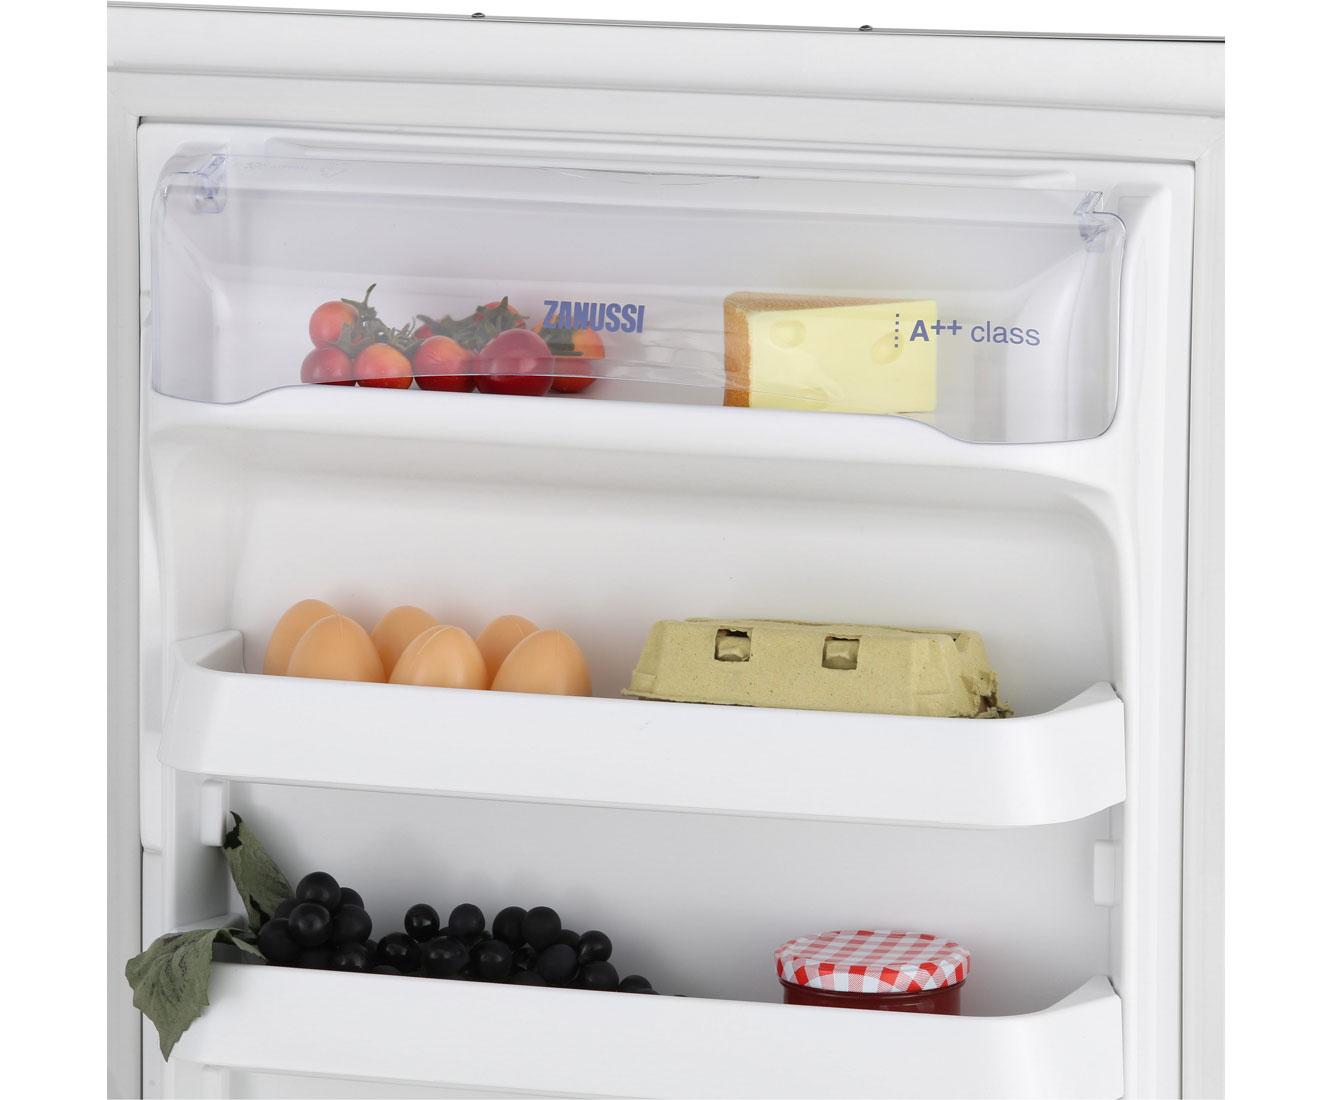 Gorenje Kühlschrank Ablauf Verstopft : Aufbau kühlschrank ablauf im kühlschrank verstopft so reinigen sie